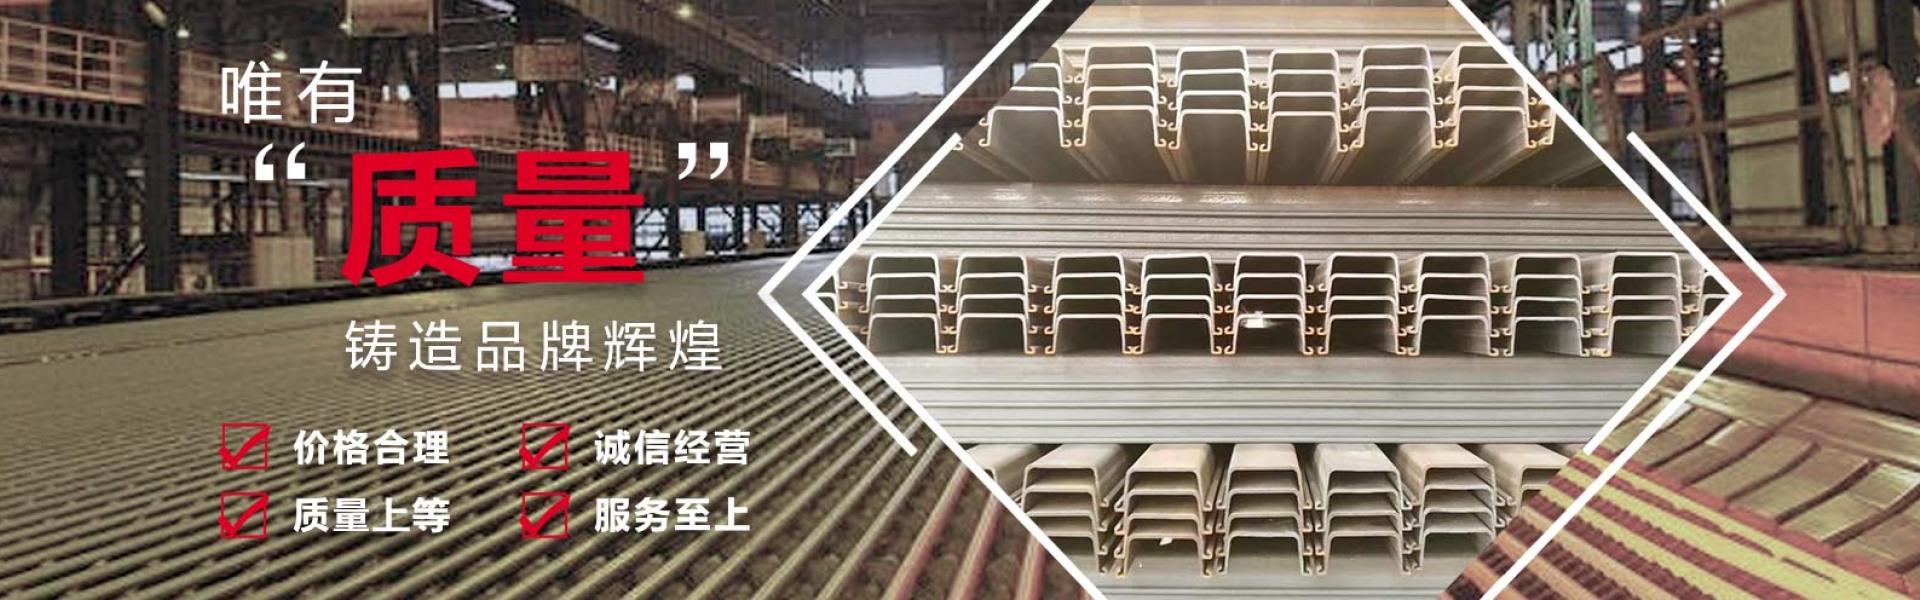 鋼板樁|鋼板樁銷售|鋼板樁廠家|拉森鋼板樁|鋼板樁鎖扣|華南鋼板樁